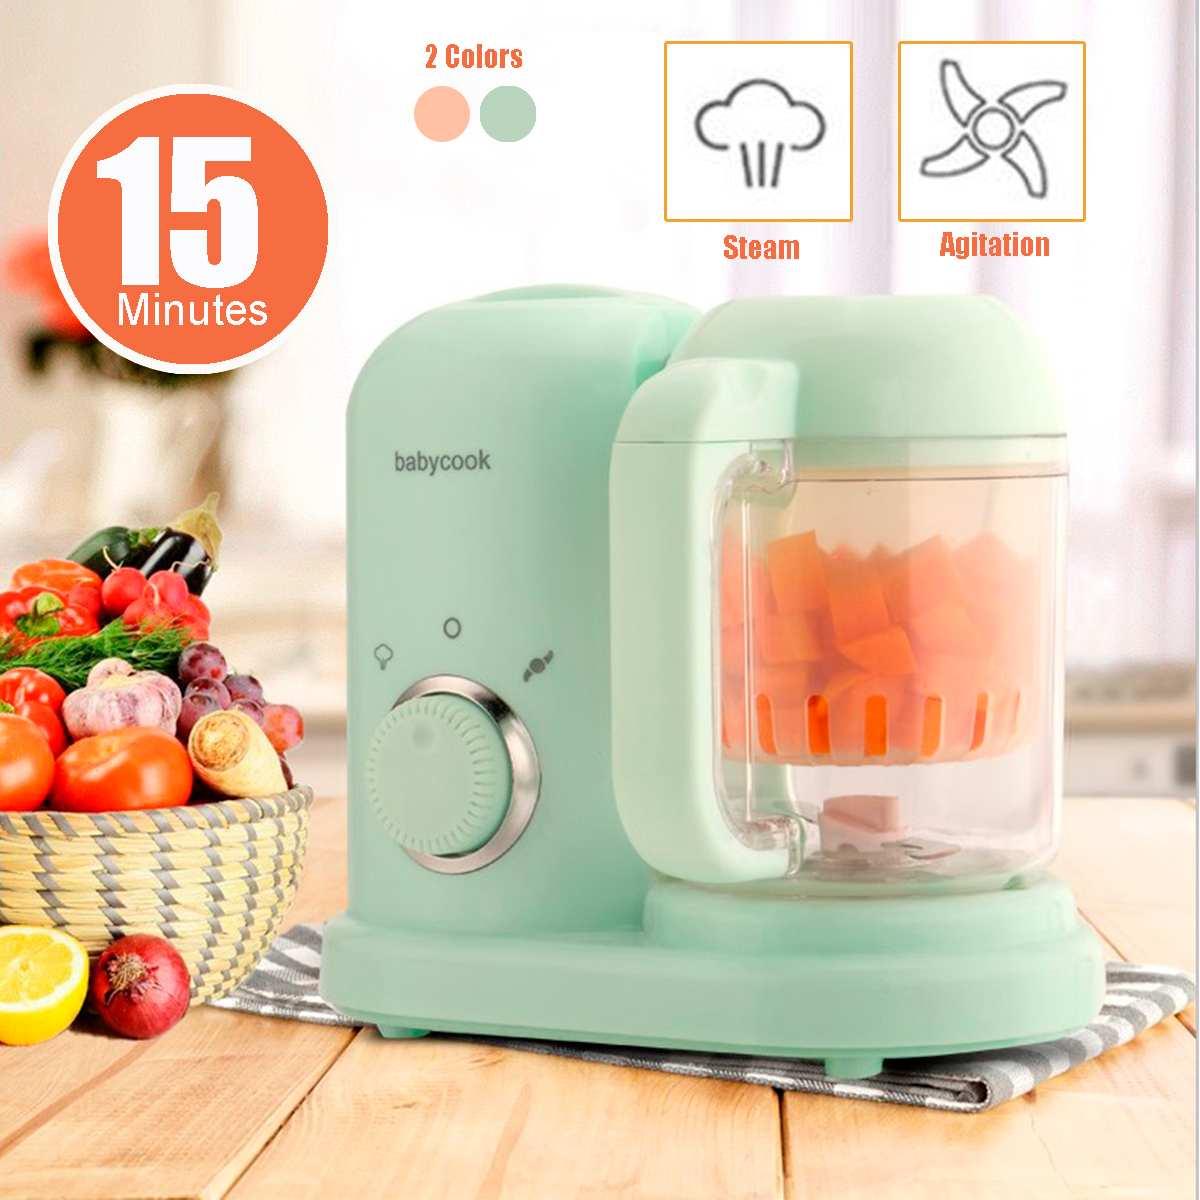 becornce Multifunction Baby Food Cooking Maker Steamer 220V 50Hz Mixing Grinder Blenders Processor 190ml 2 Colors Shatterproof